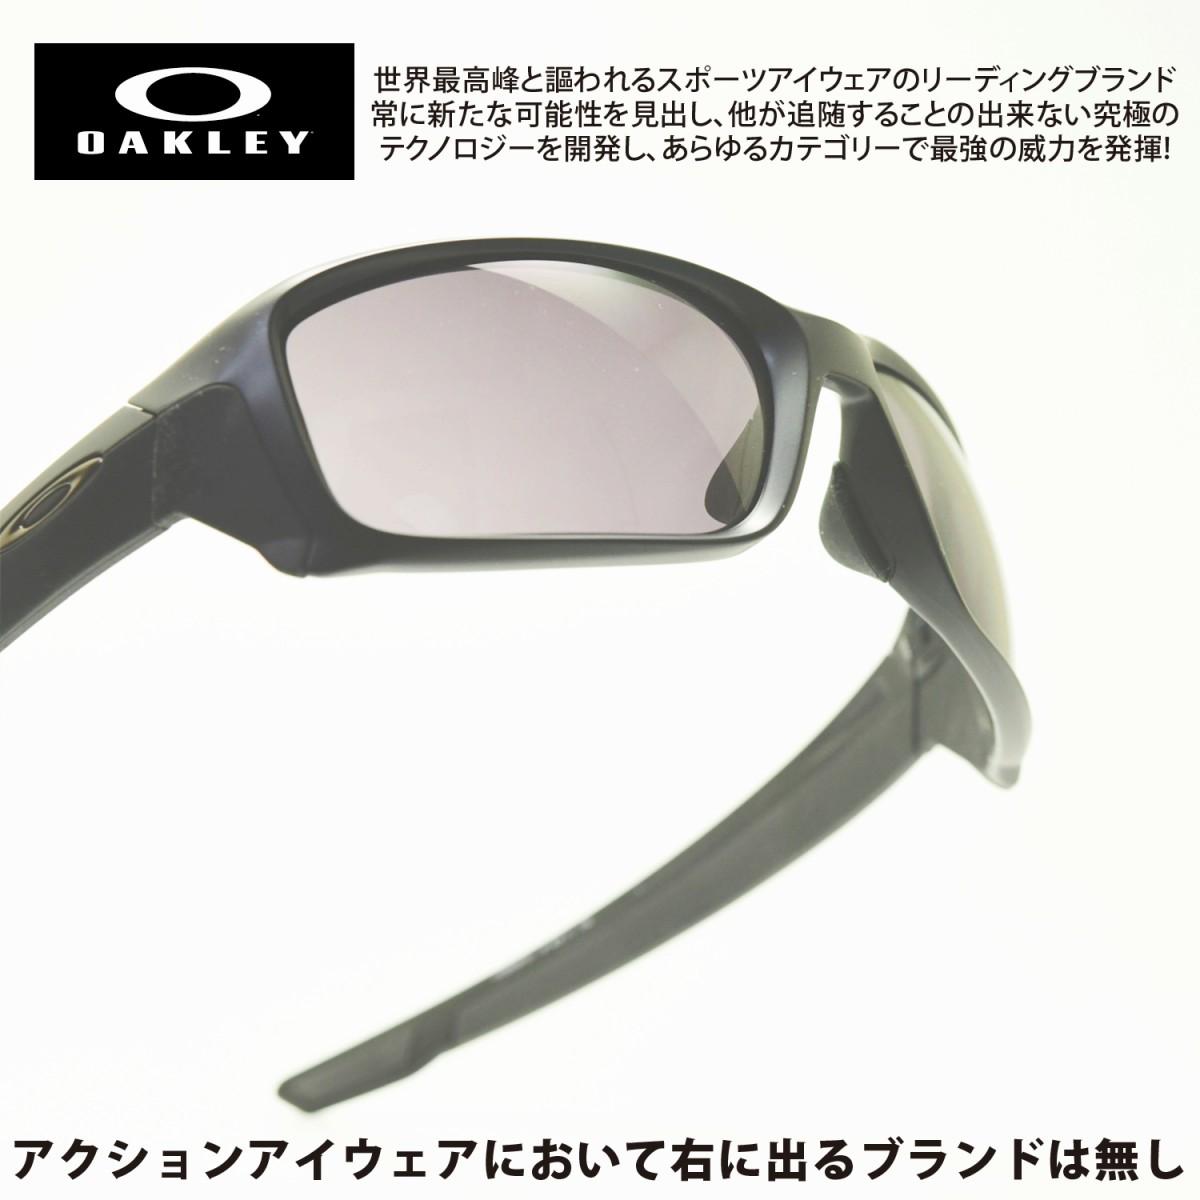 画像1: OAKLEY オークリー STRAIGHTLINK ストレートリンク OO9336-03 MATTE BLACK/WARM GREY (1)